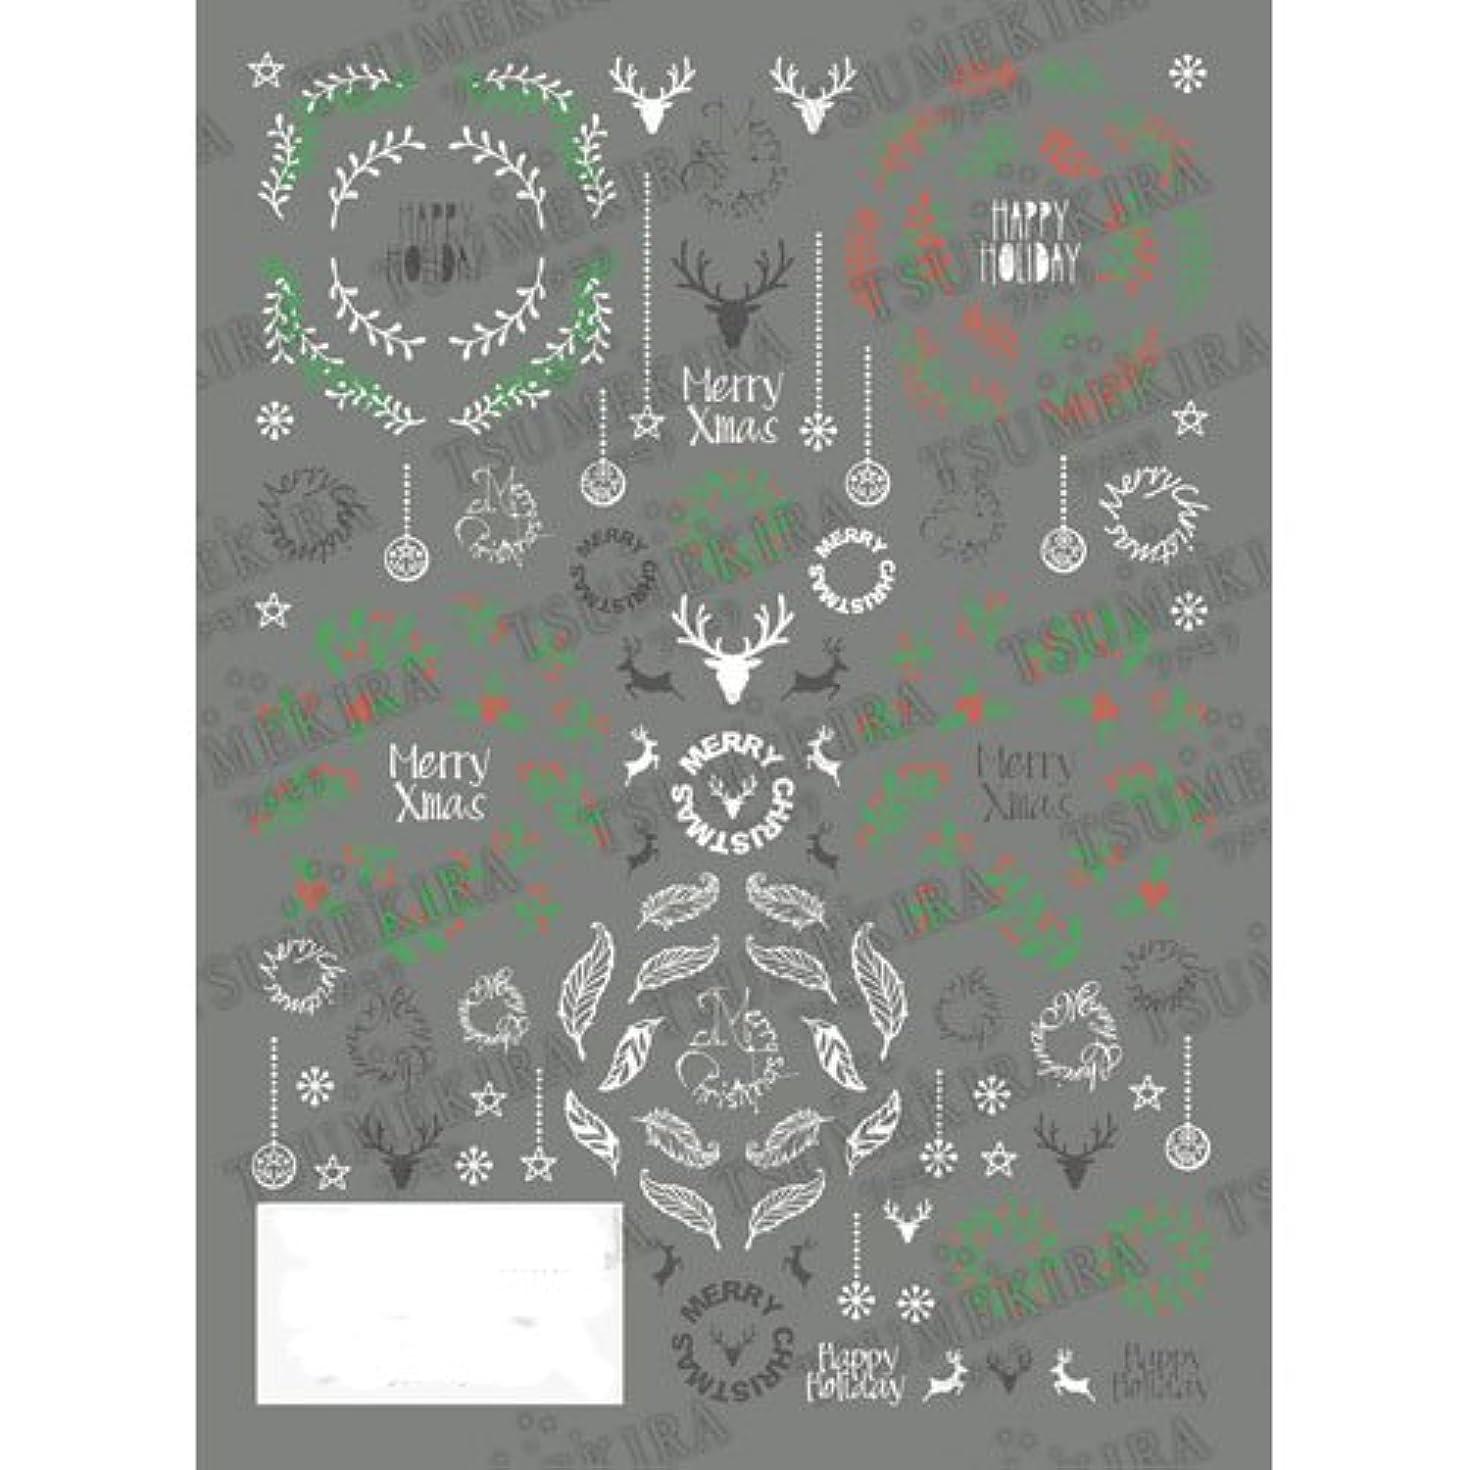 ファウルコンテンポラリースパンツメキラ ネイル用シール クリスマスリース